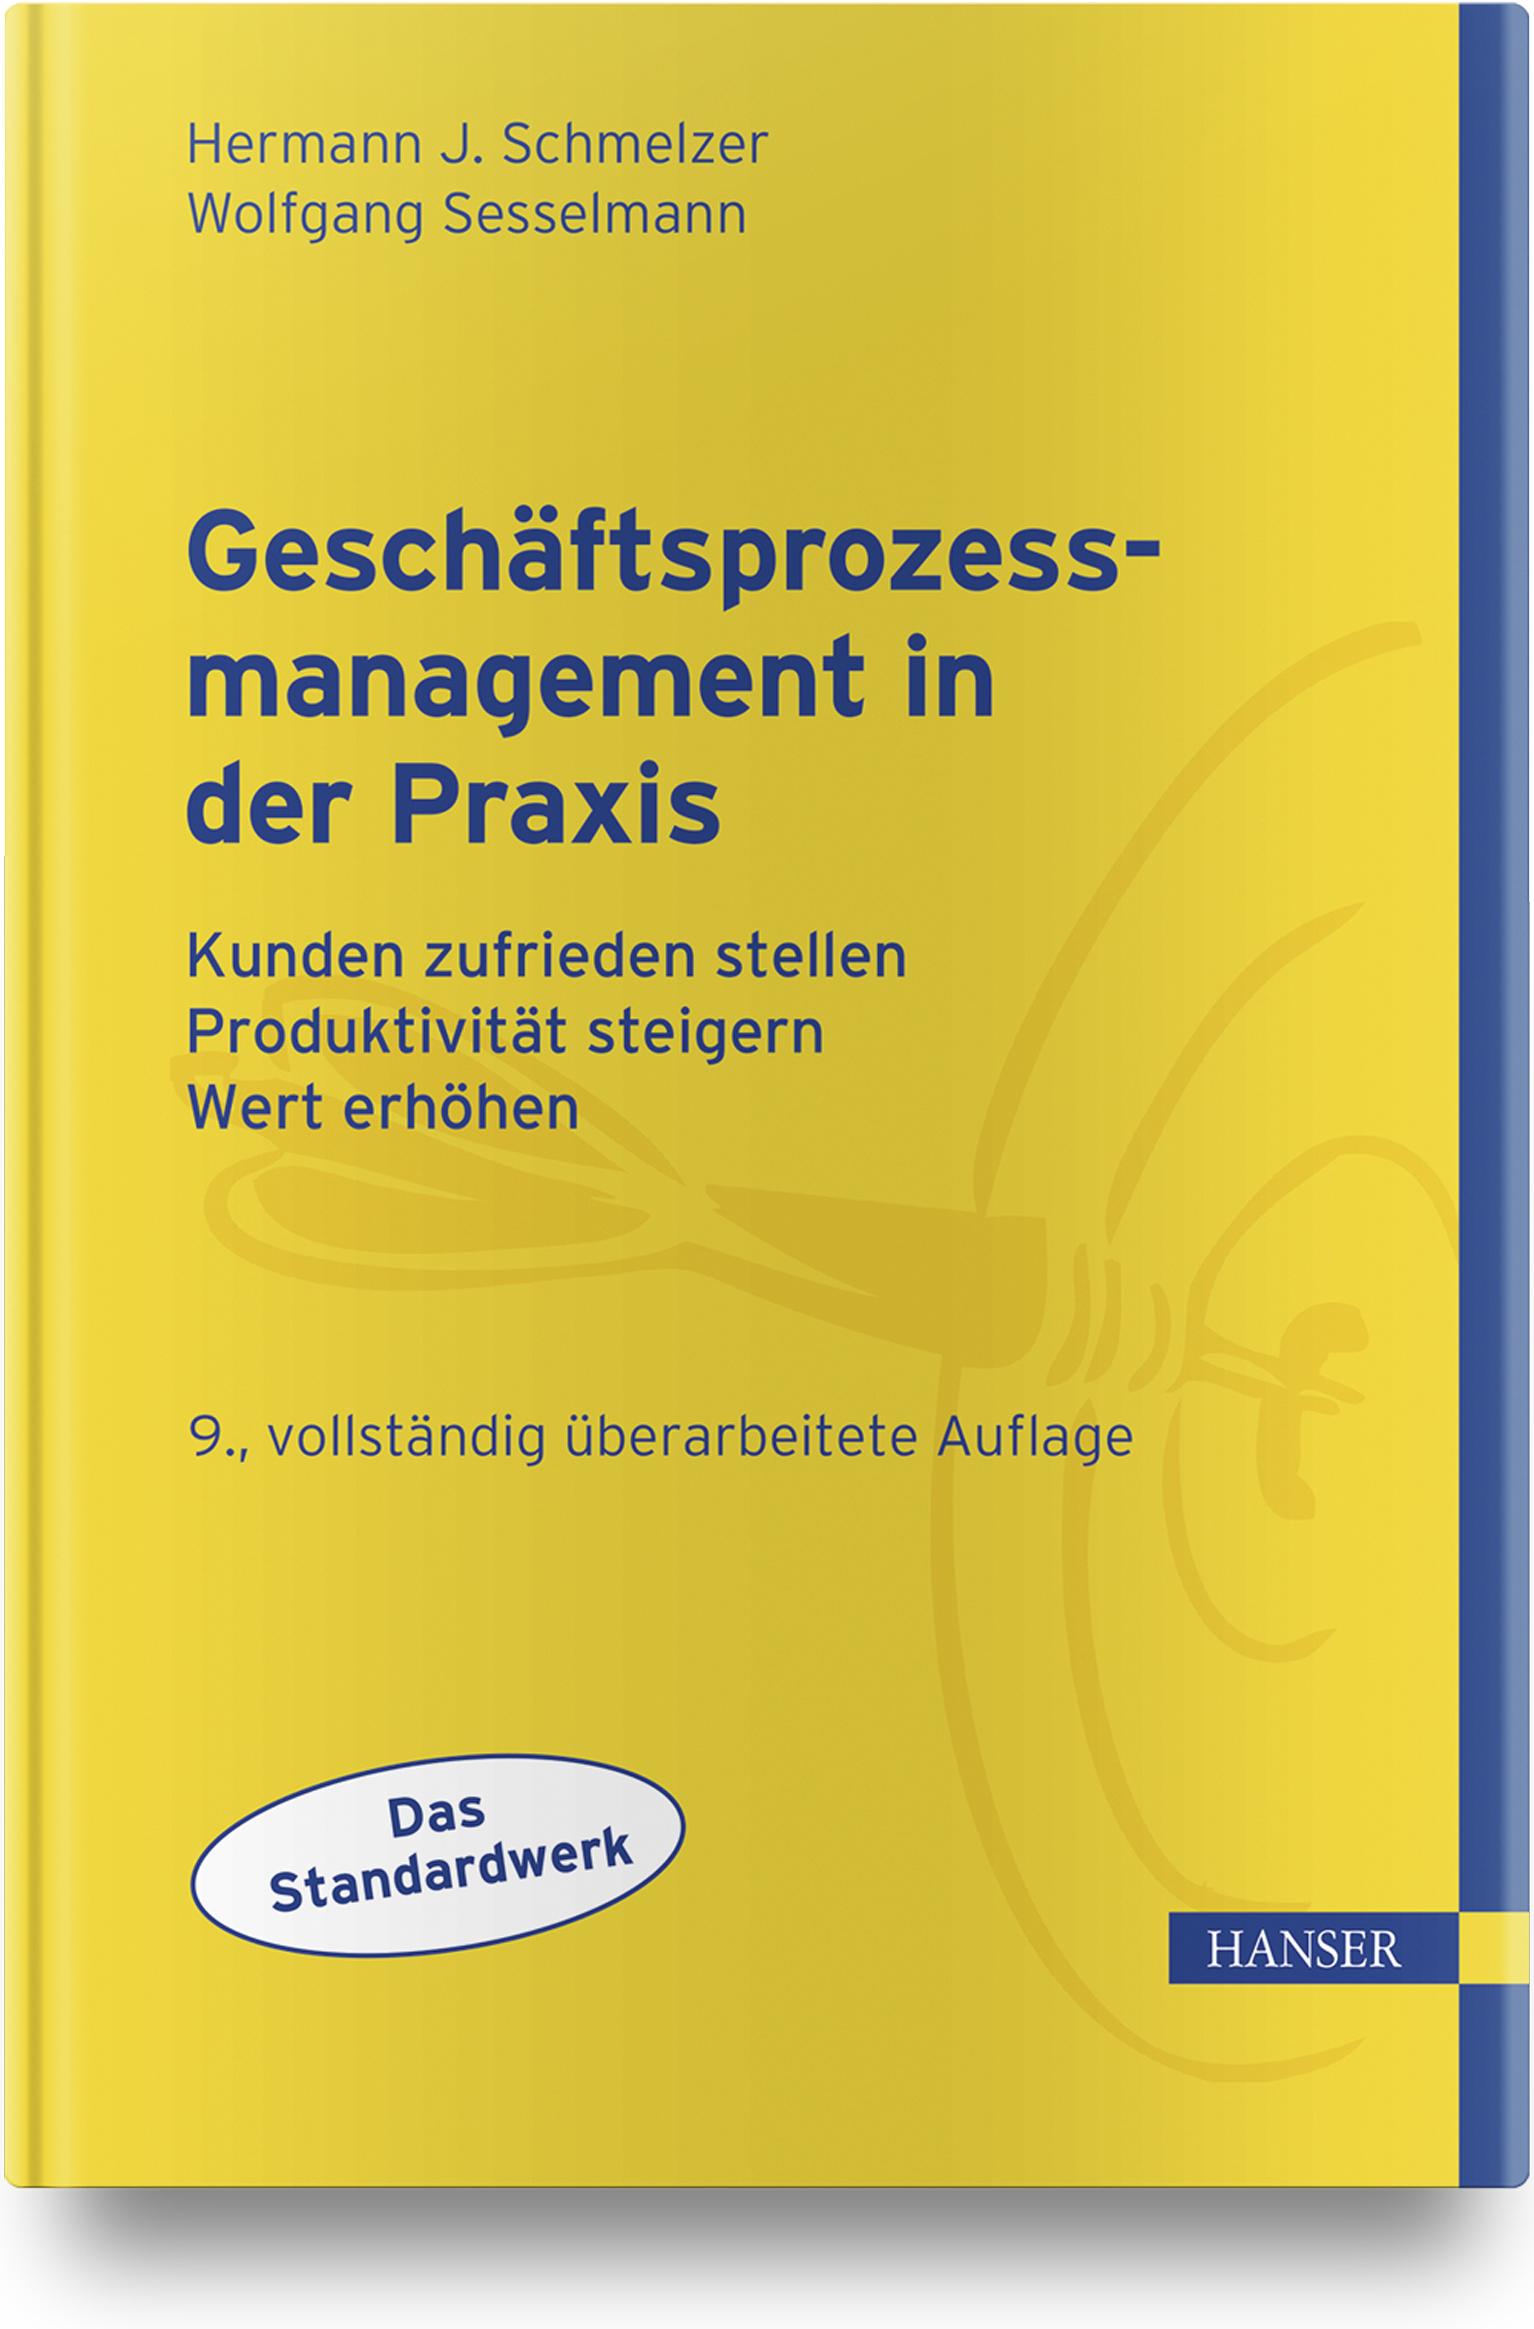 Schmelzer, Sesselmann, Geschäftsprozessmanagement in der Praxis, 978-3-446-44625-0